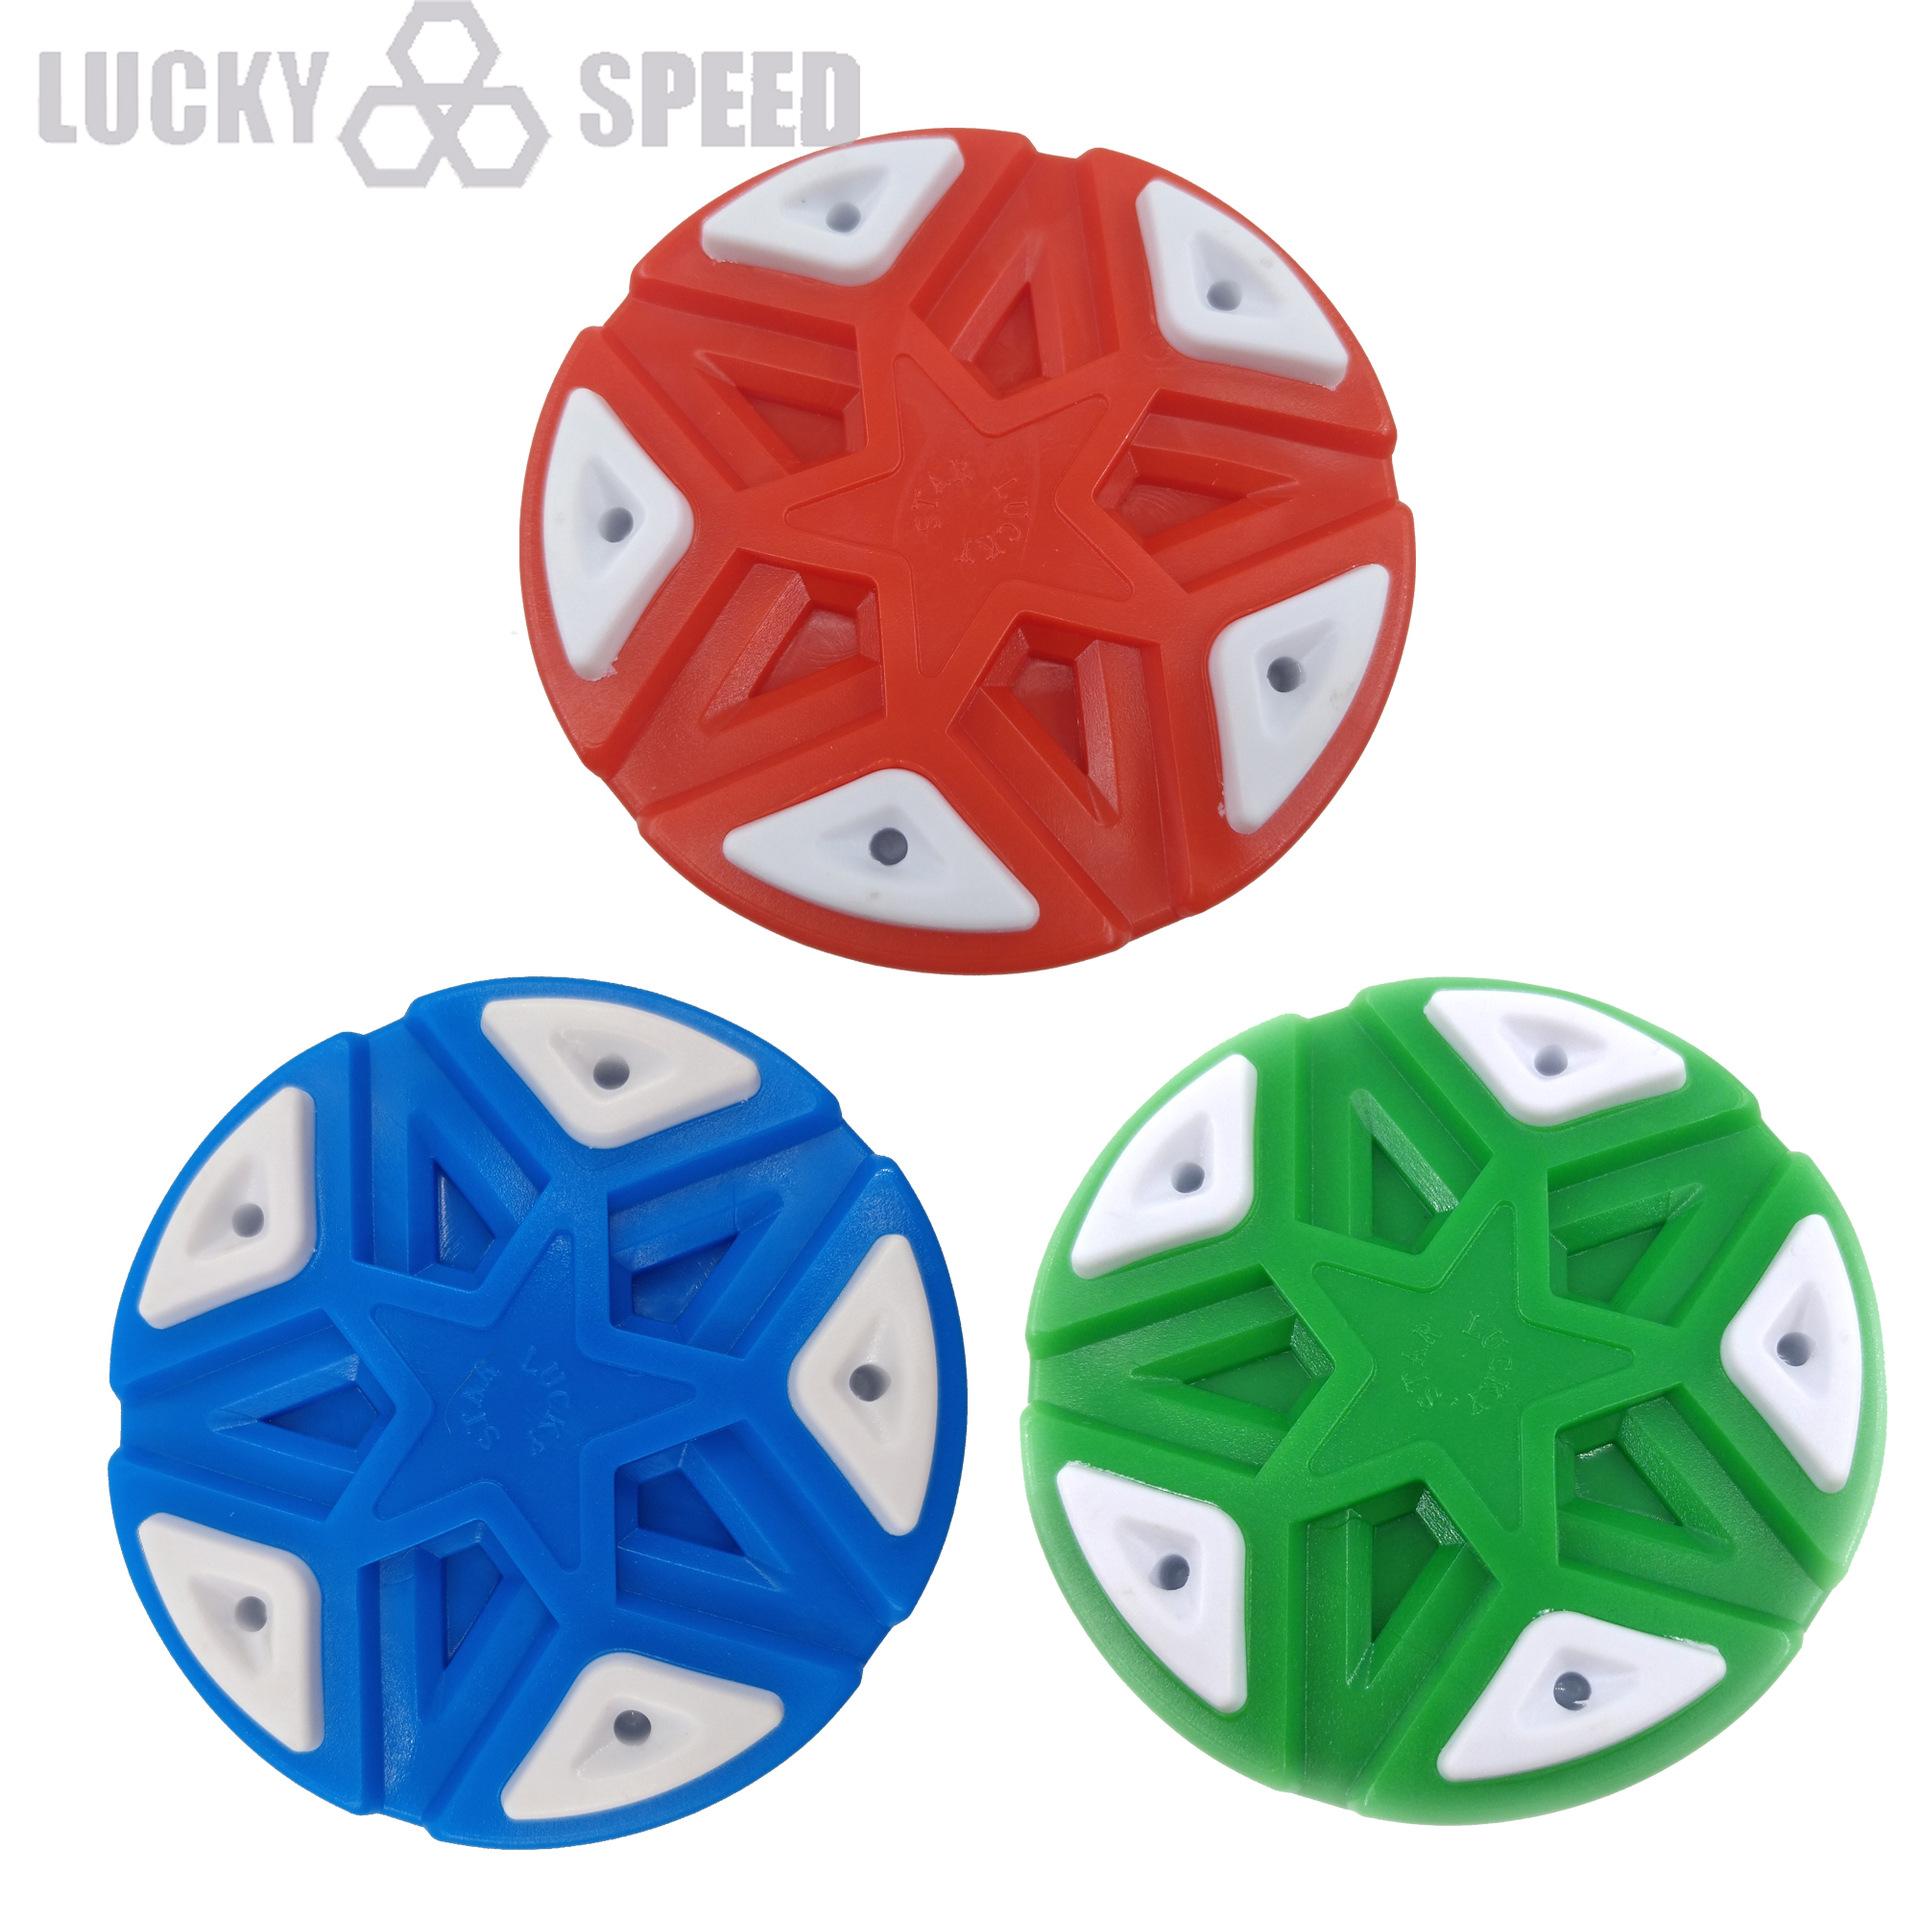 曲棍球陆地冰球轮滑球球饼可定制颜色工厂直批ice hockey puck